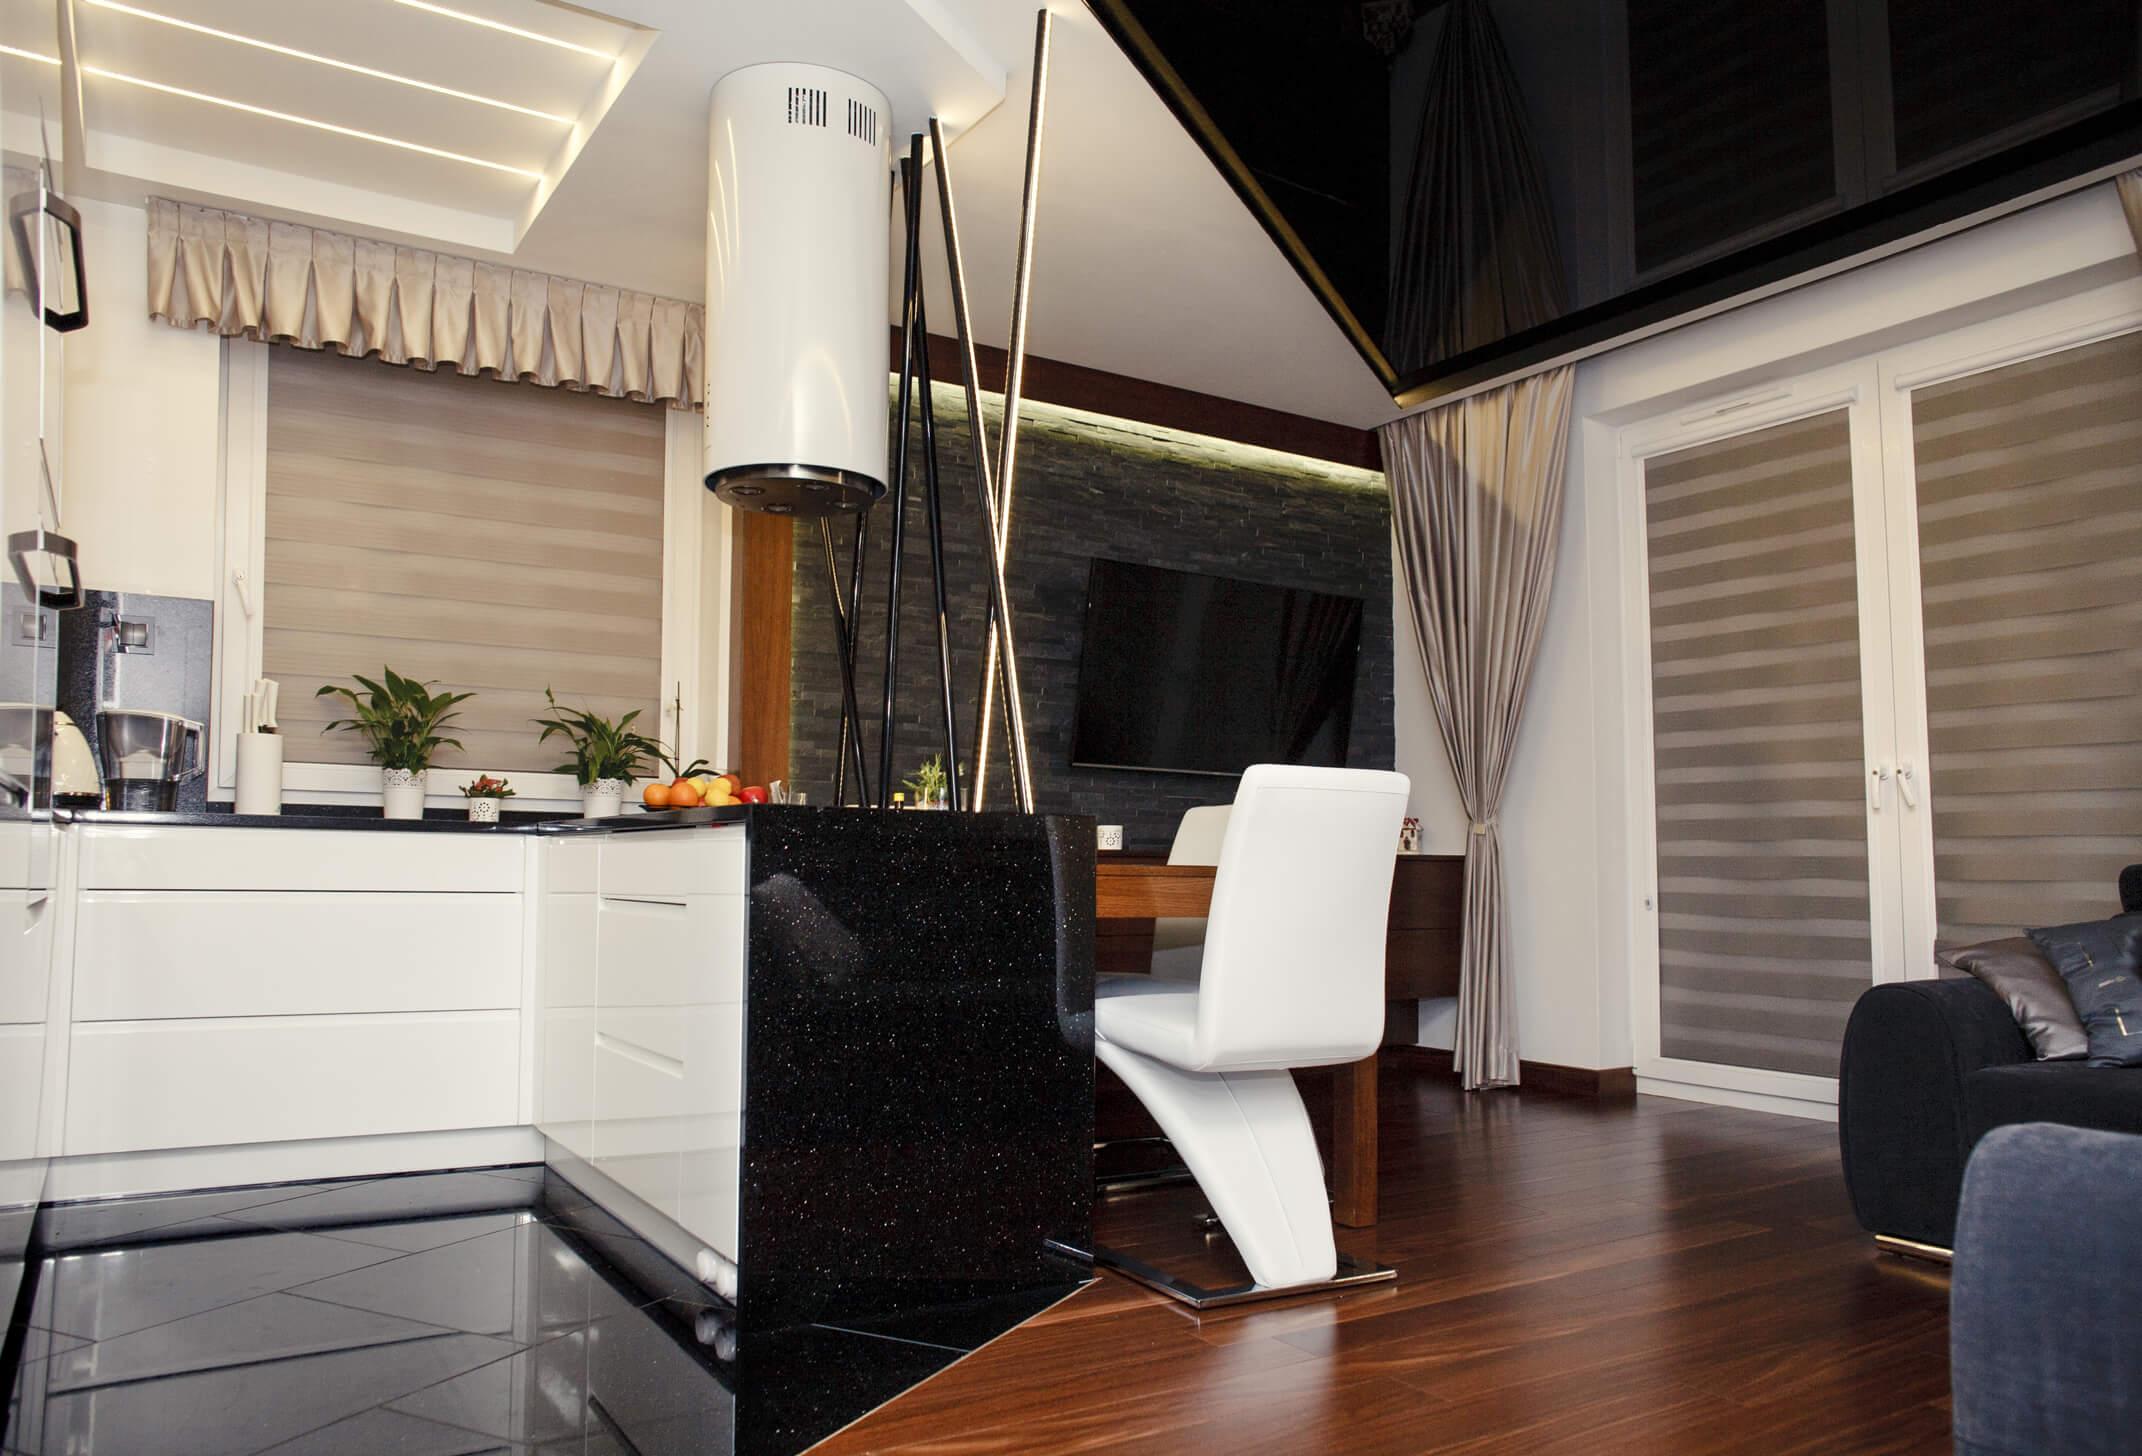 Projekt wnętrza mieszkania - kuchnia/salon - Rokitki koło Tczewa